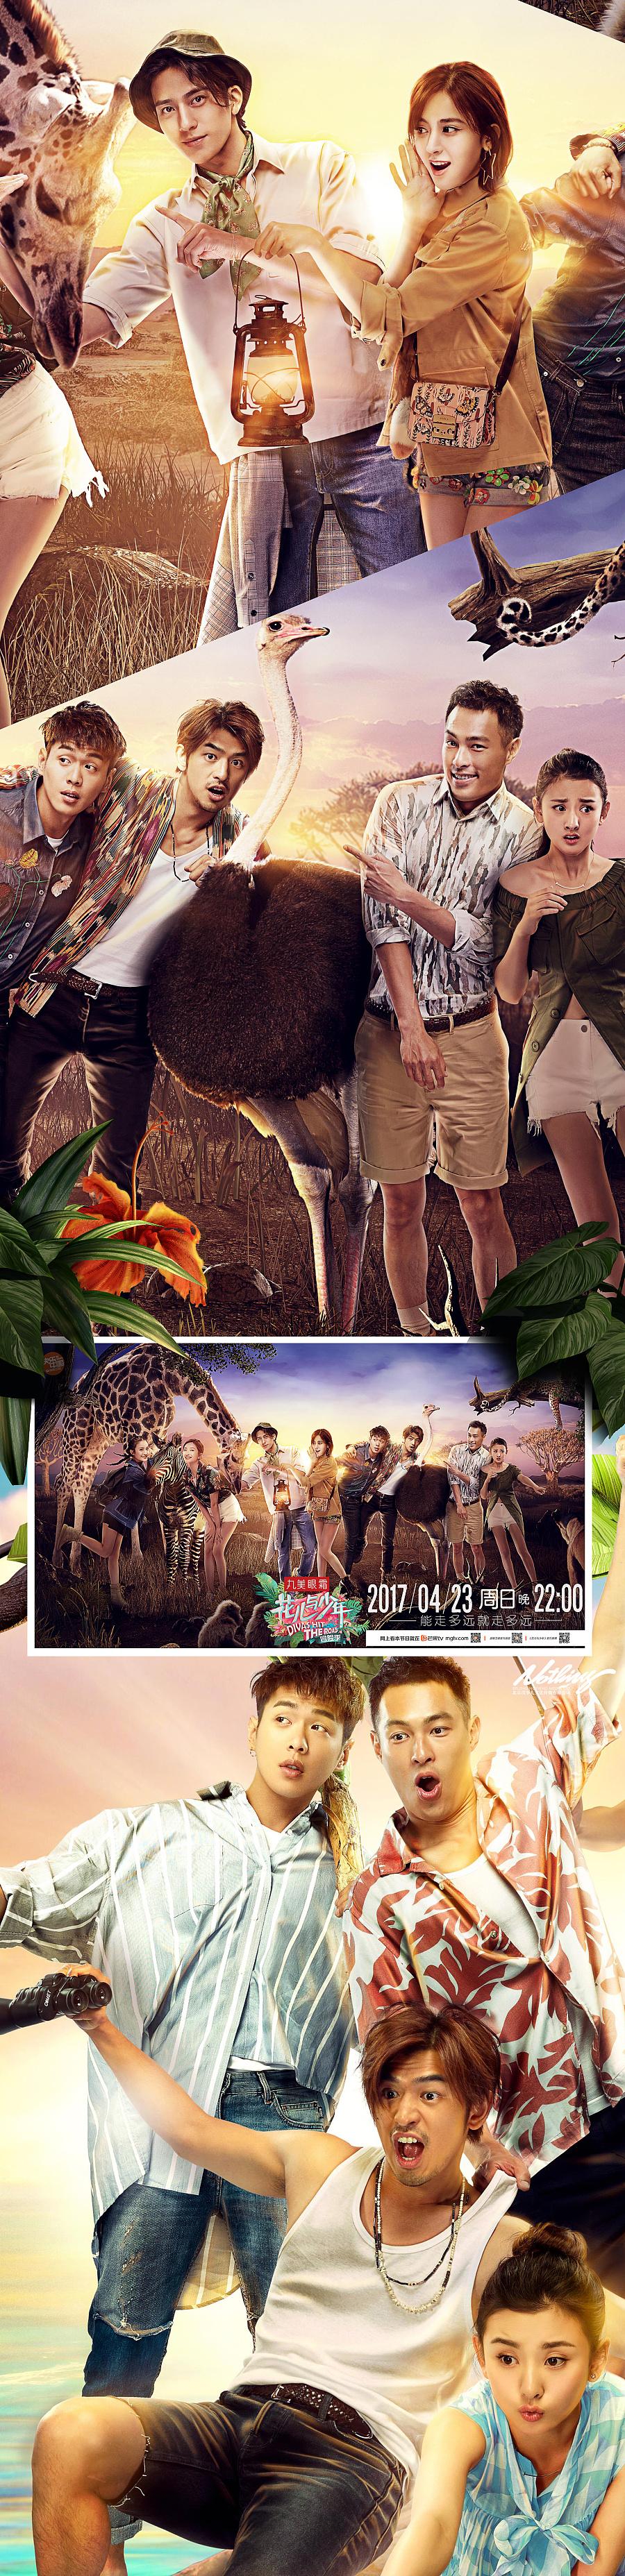 查看《[Nothing]-<花儿与少年3·冒险季>海报设计包装》原图,原图尺寸:1920x7918